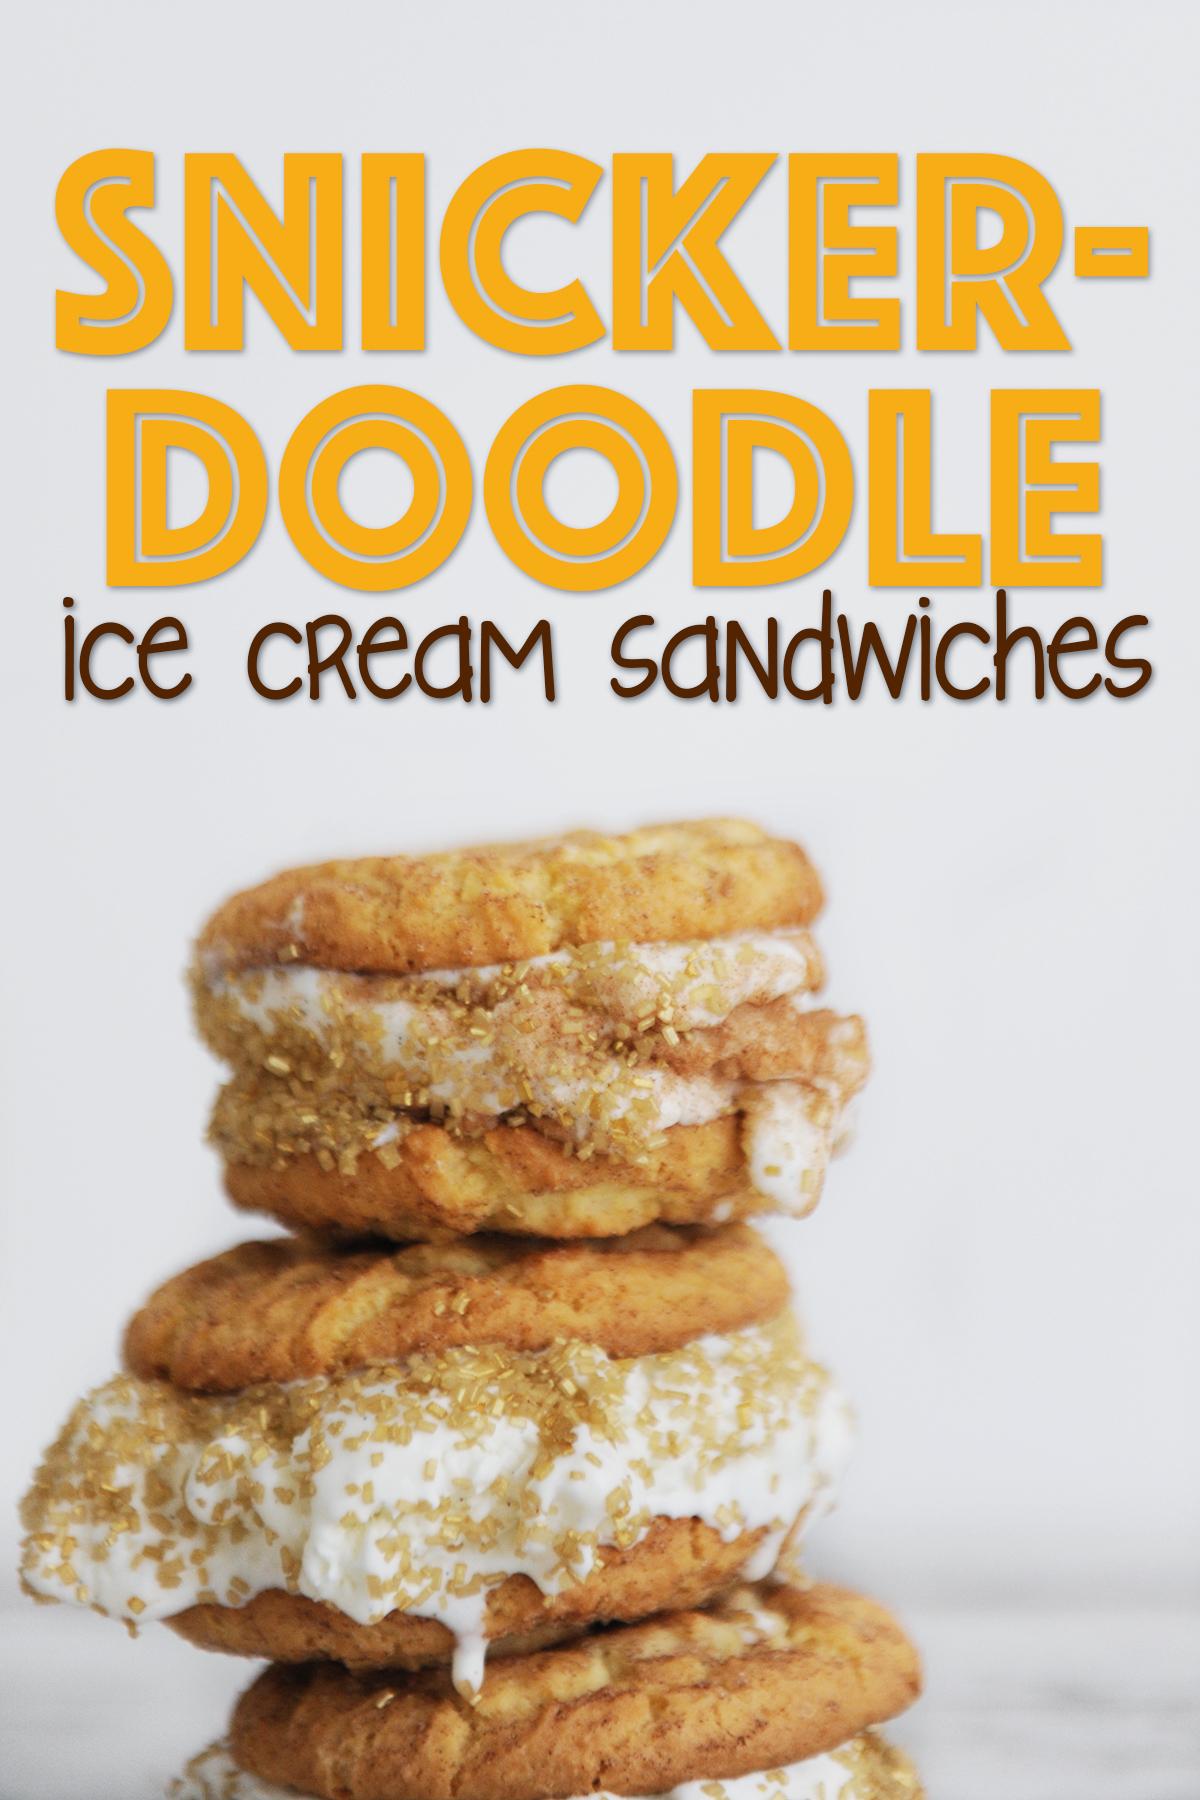 snicker doodle ice cream sandwich recipe